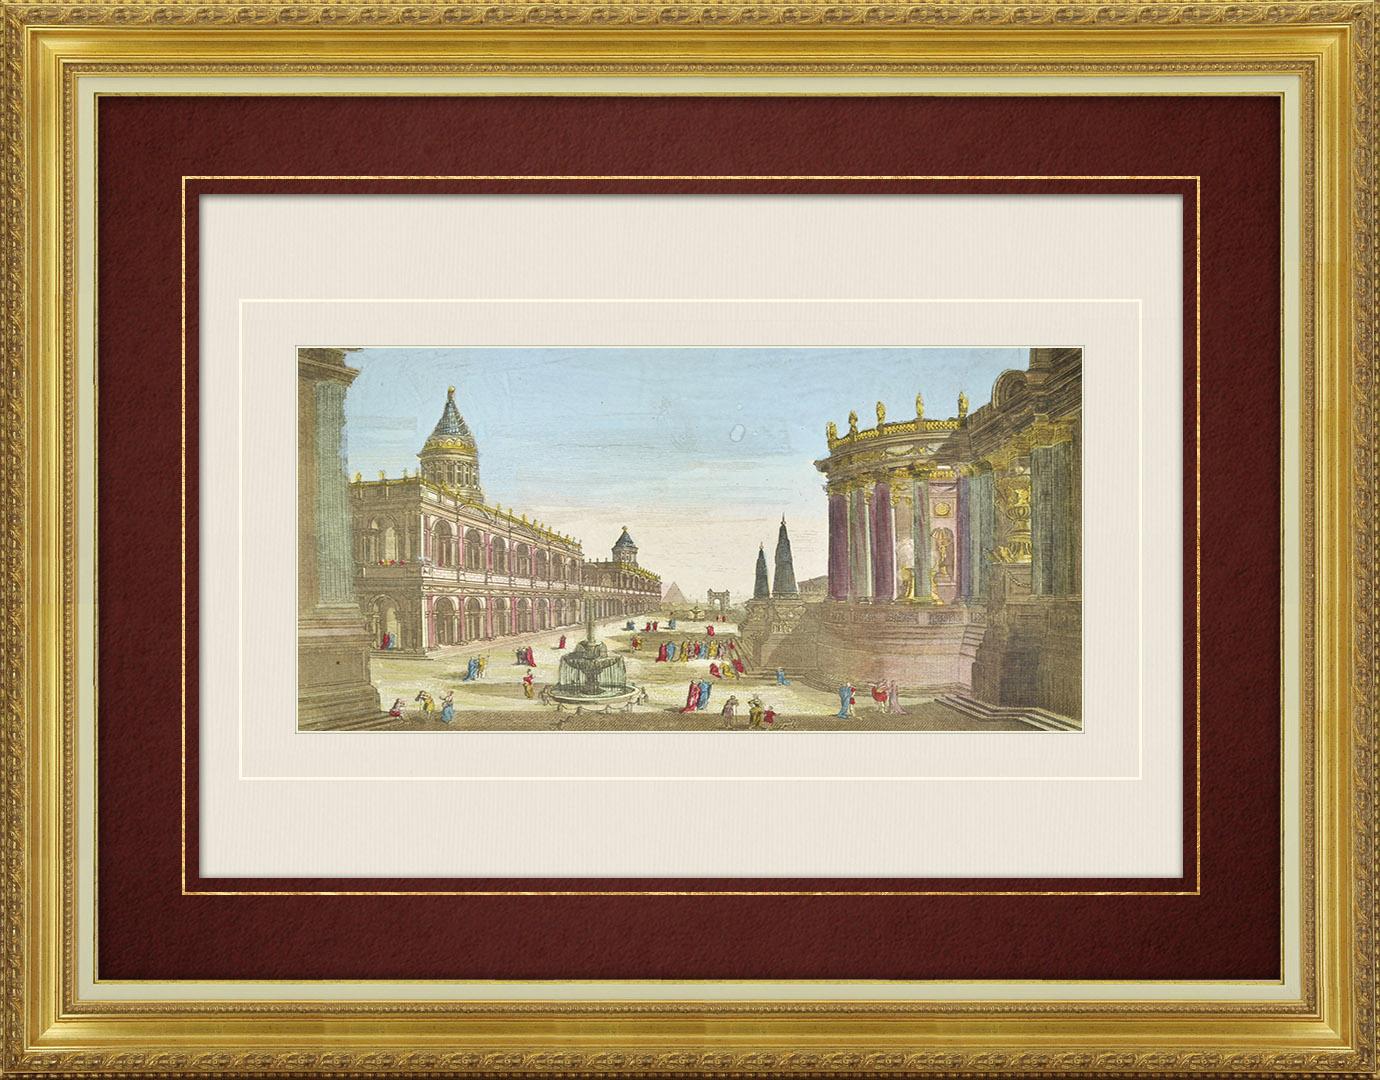 Vue d'optique du 18e siècle en coloris d'époque de la Rome antique (Italie)